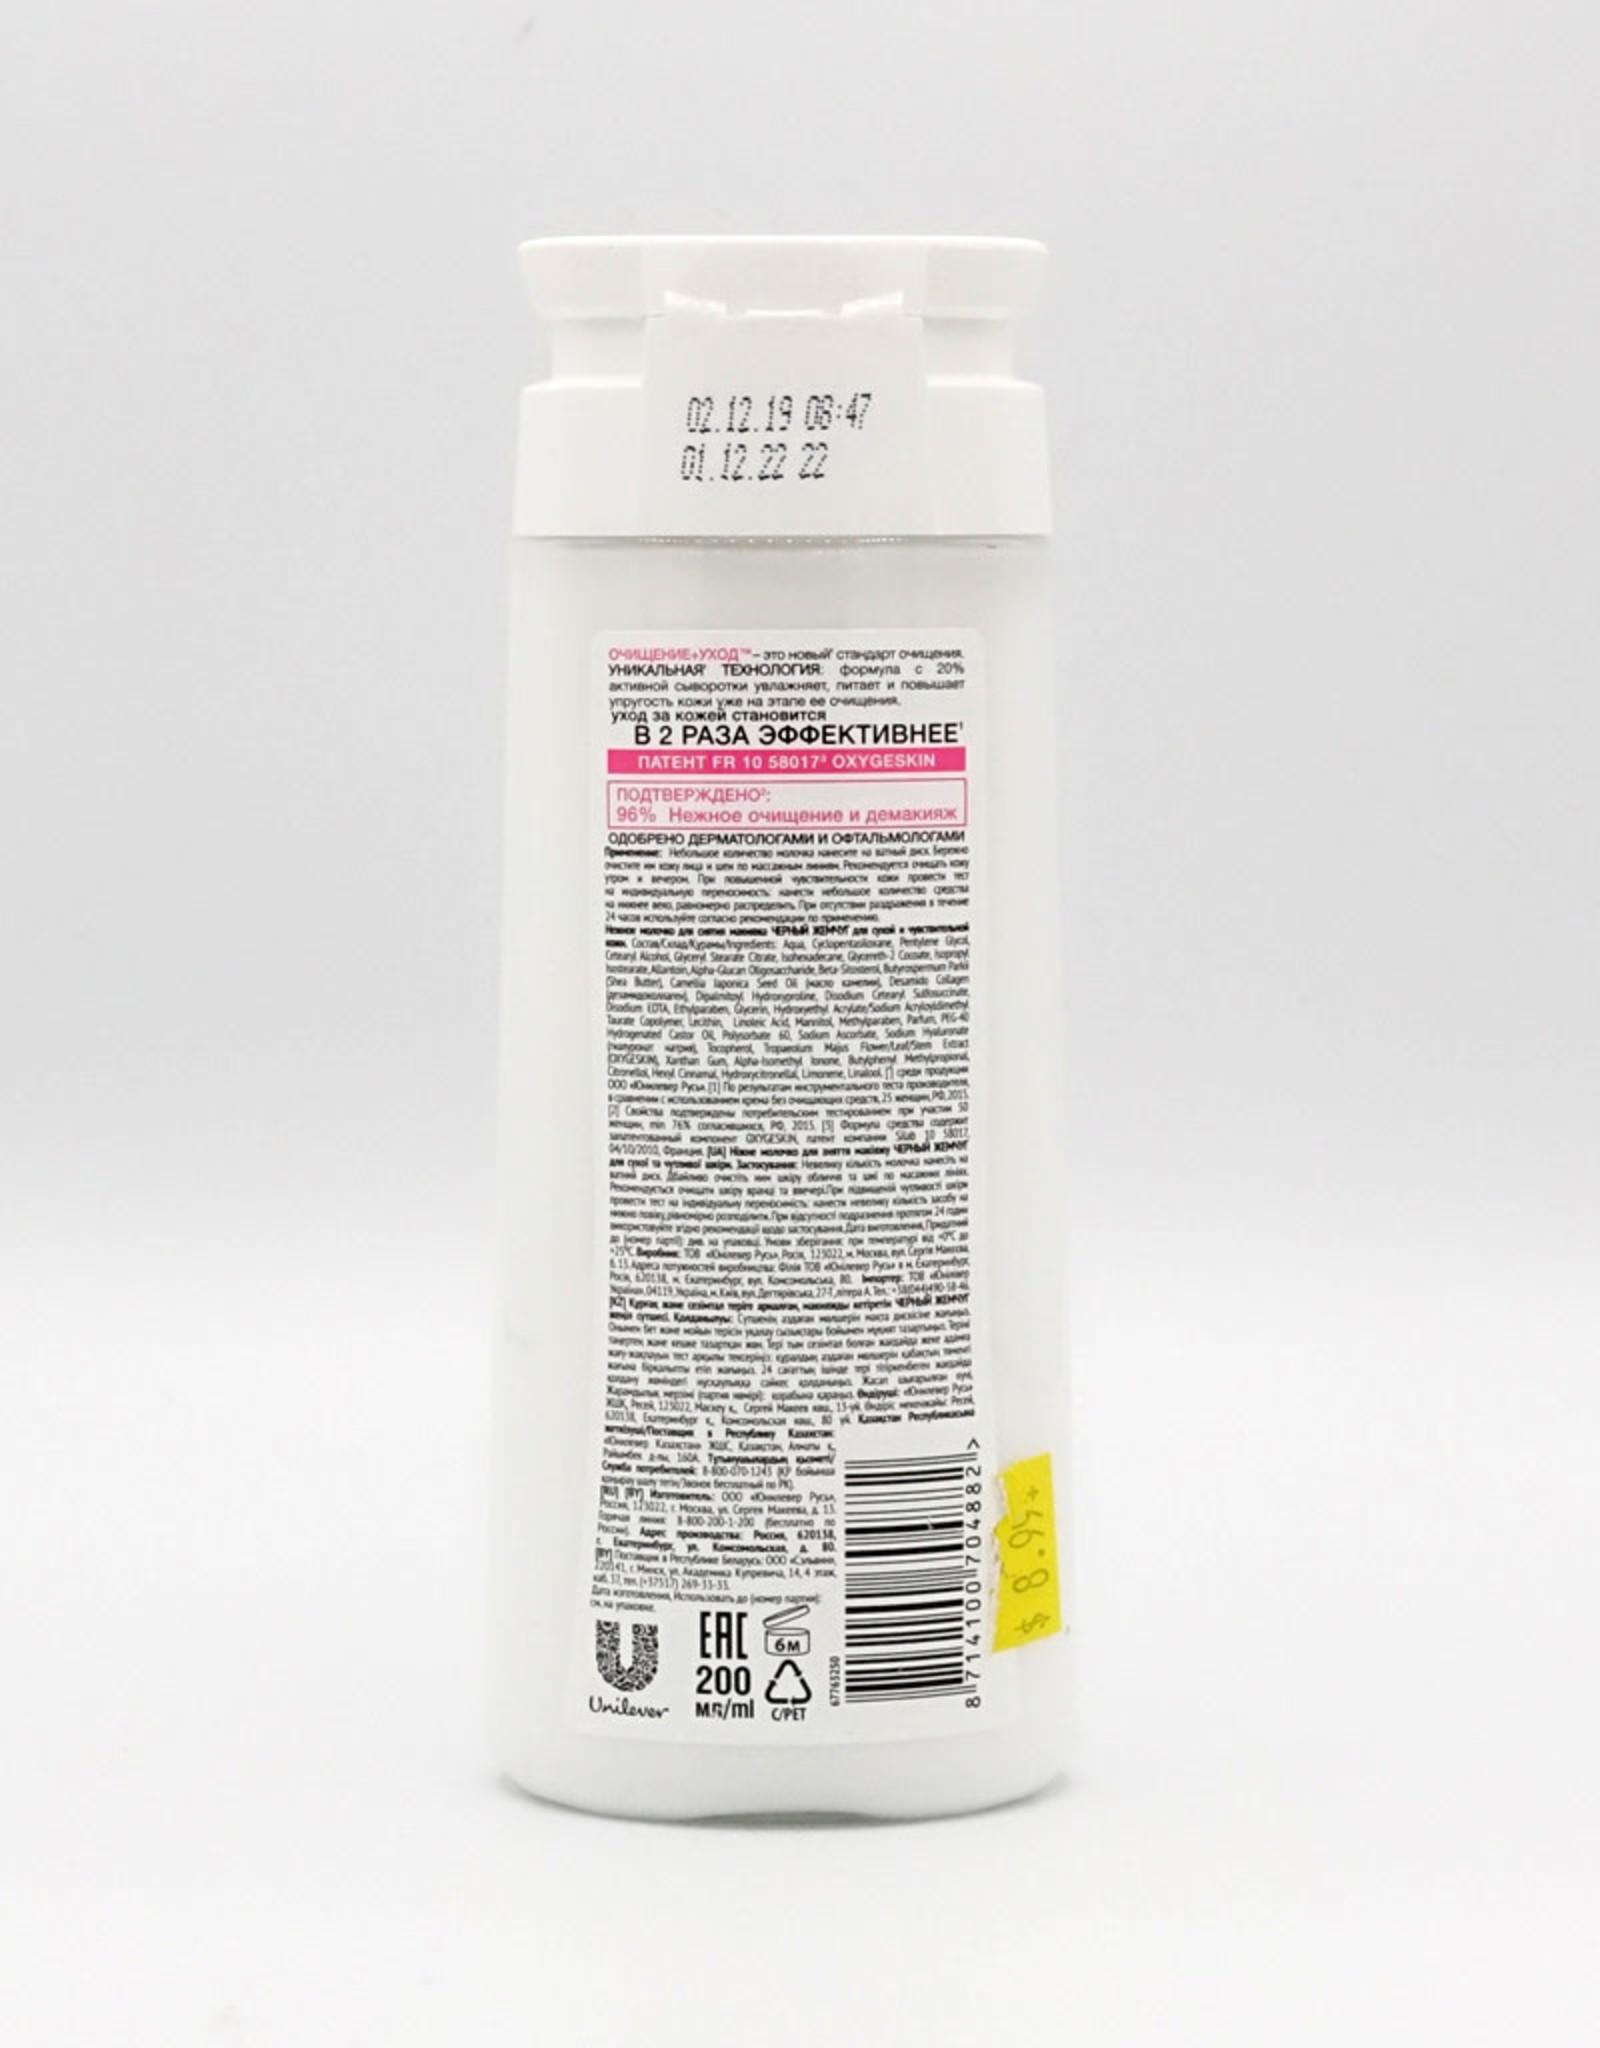 Черный Жемчуг Черный Жемчуг, Нежное Молочко для снятия макияжа